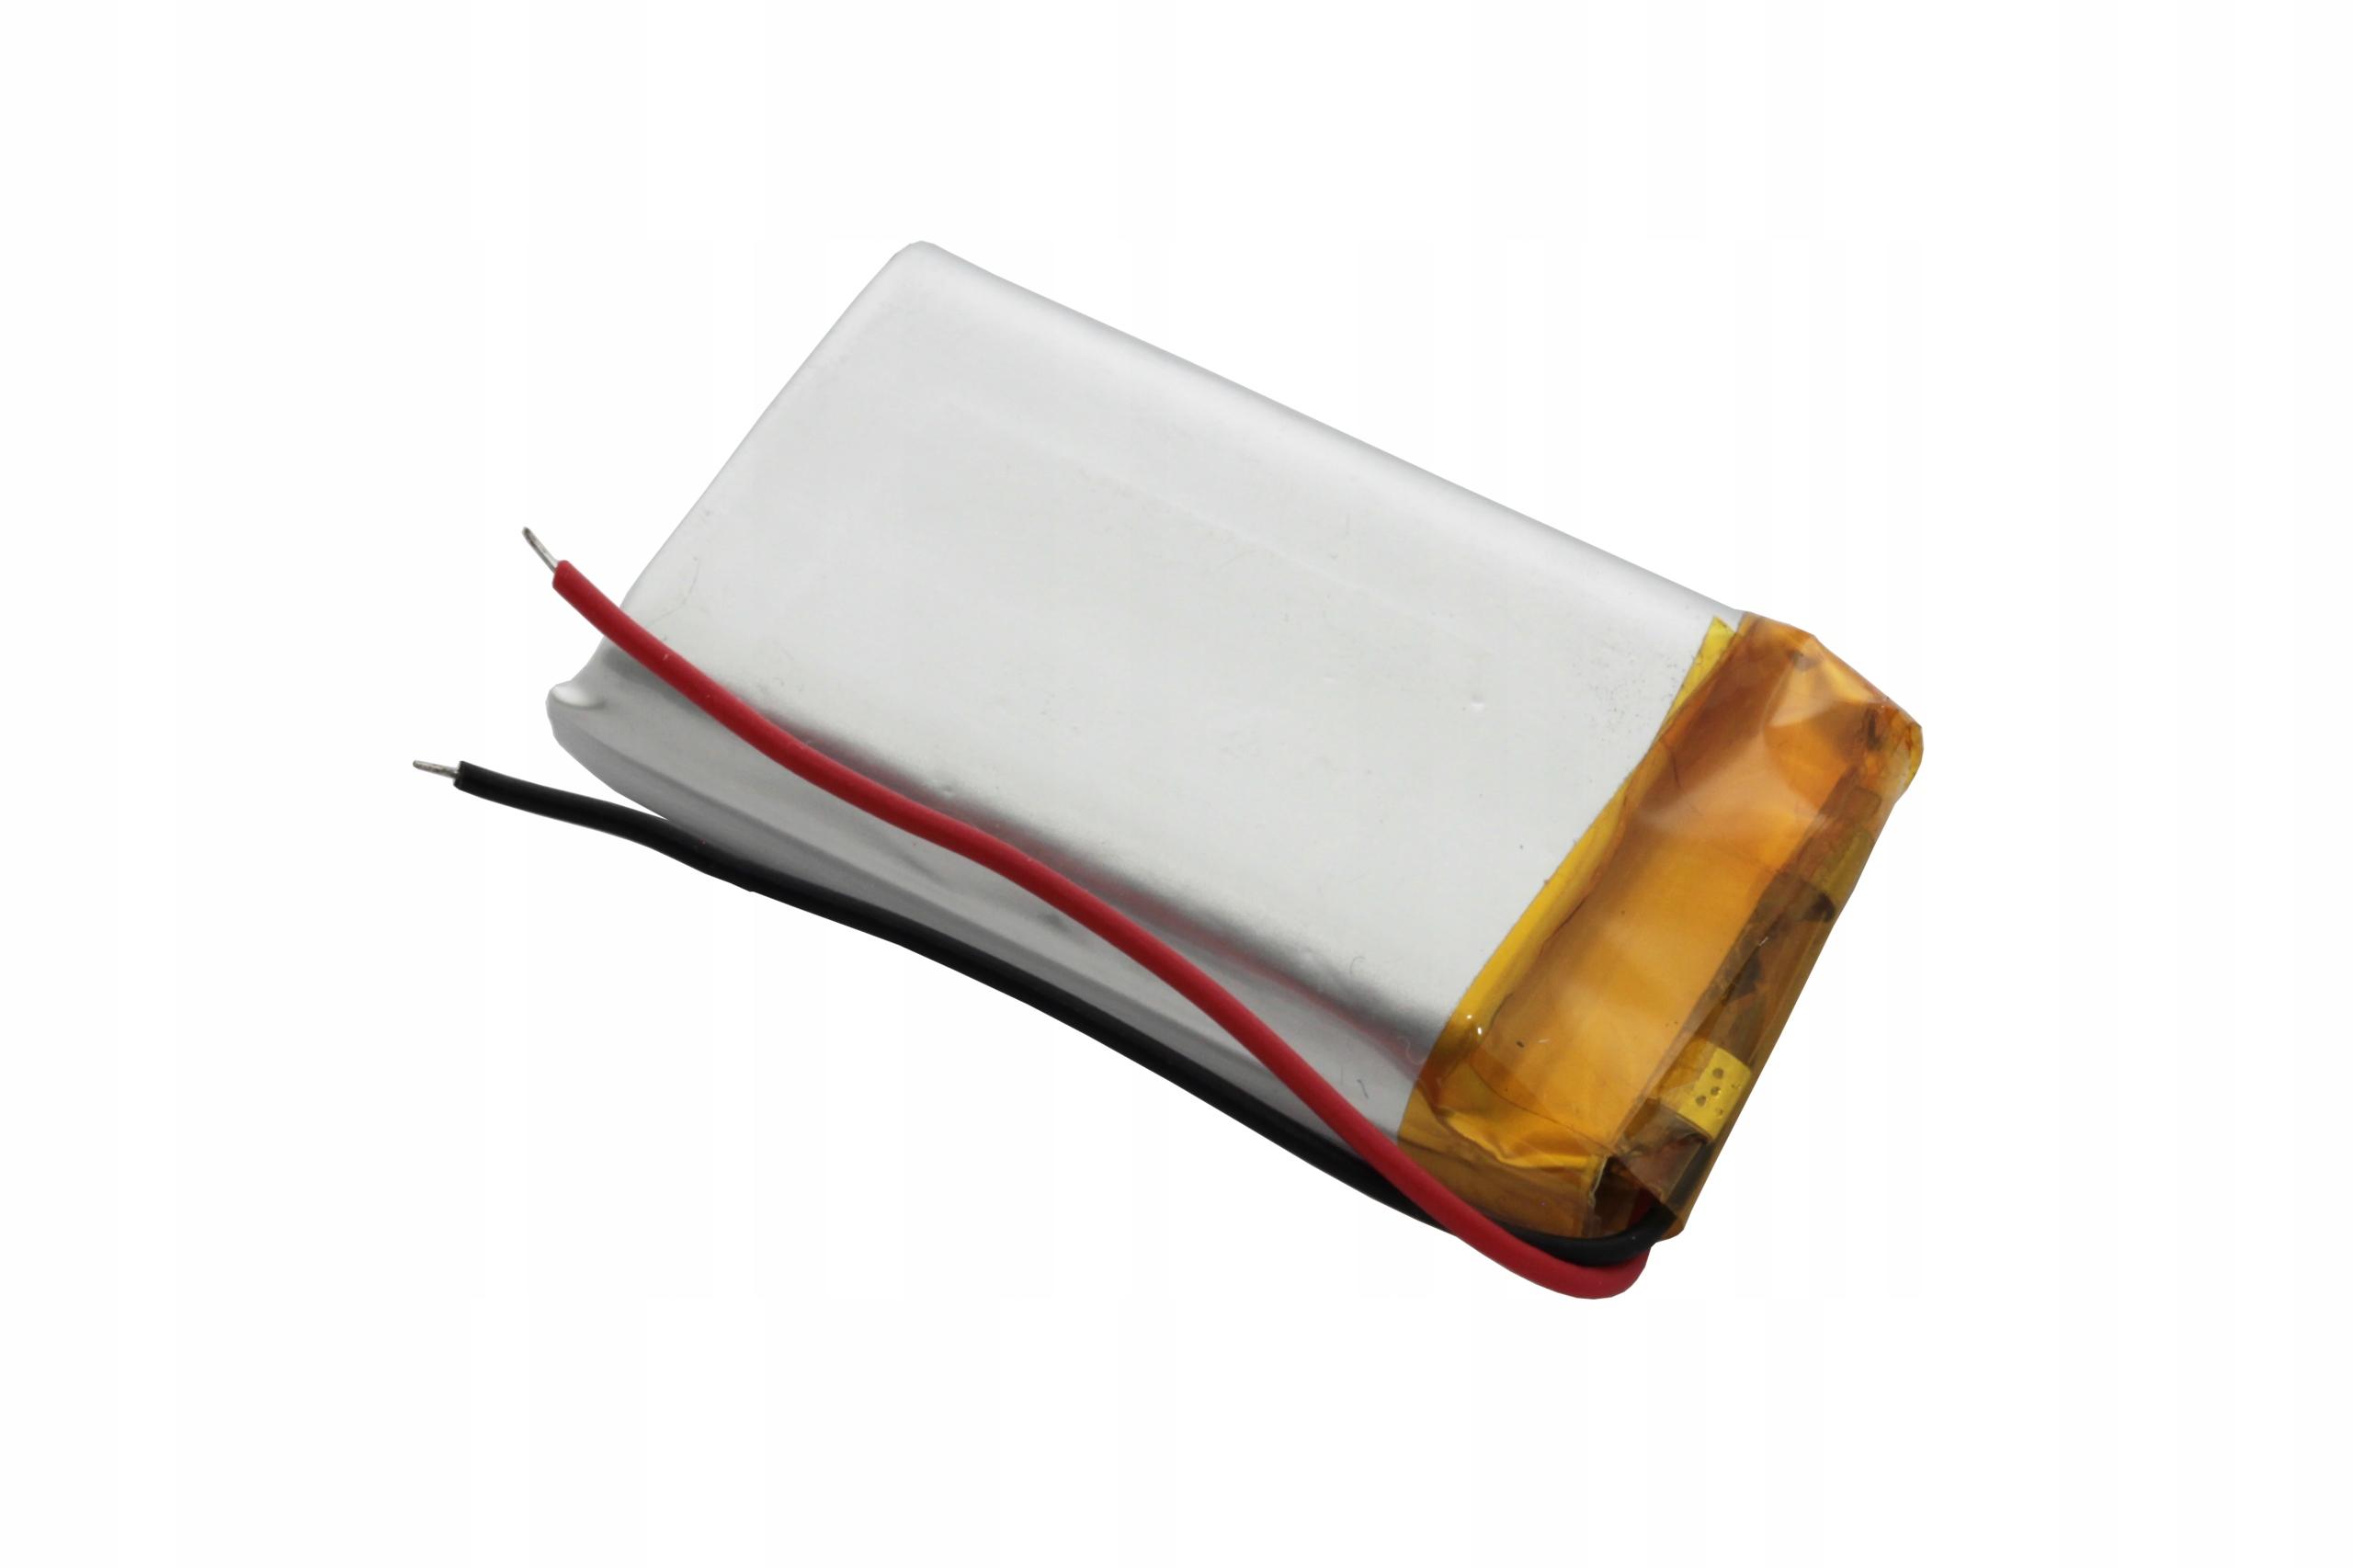 AKUMULATOR PRYZMATYCZNY Li-POLy 3,7V 850mAh 802540 Marka AmElectronics